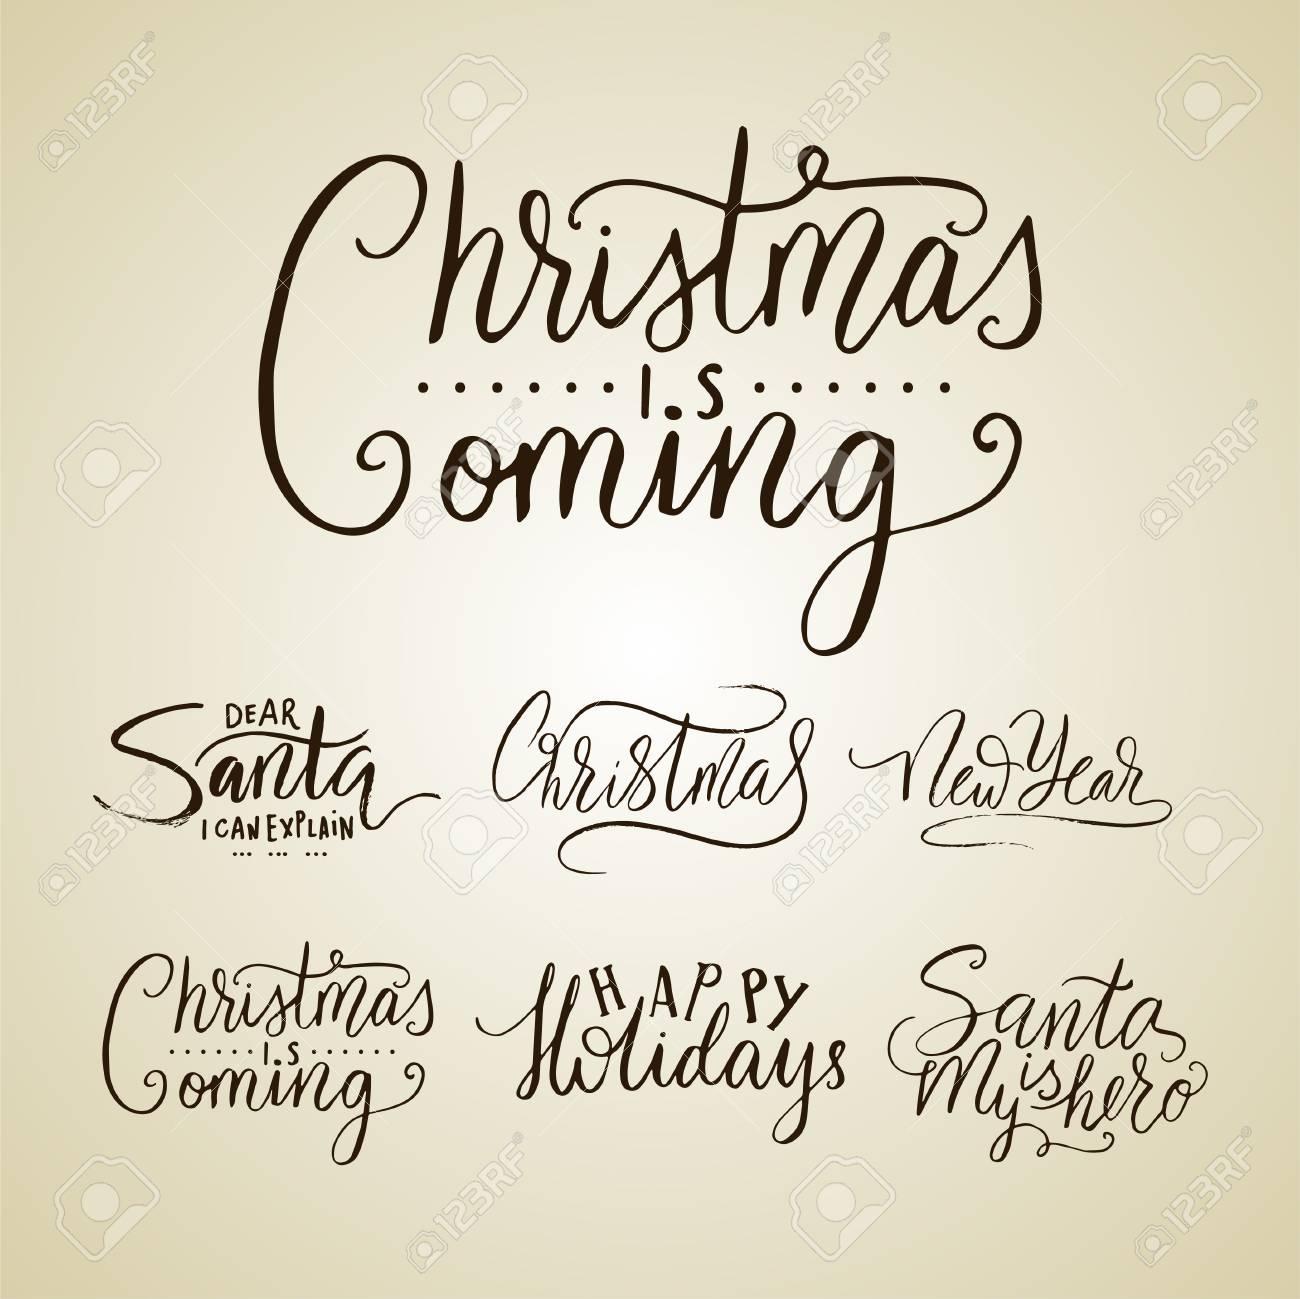 Typographie De Lettrage Joyeux Noël, Écriture De Texte Manuscrite Avec  Lettrage D'hiver Dessinés À La Main. tout Ecriture De Noel A Imprimer